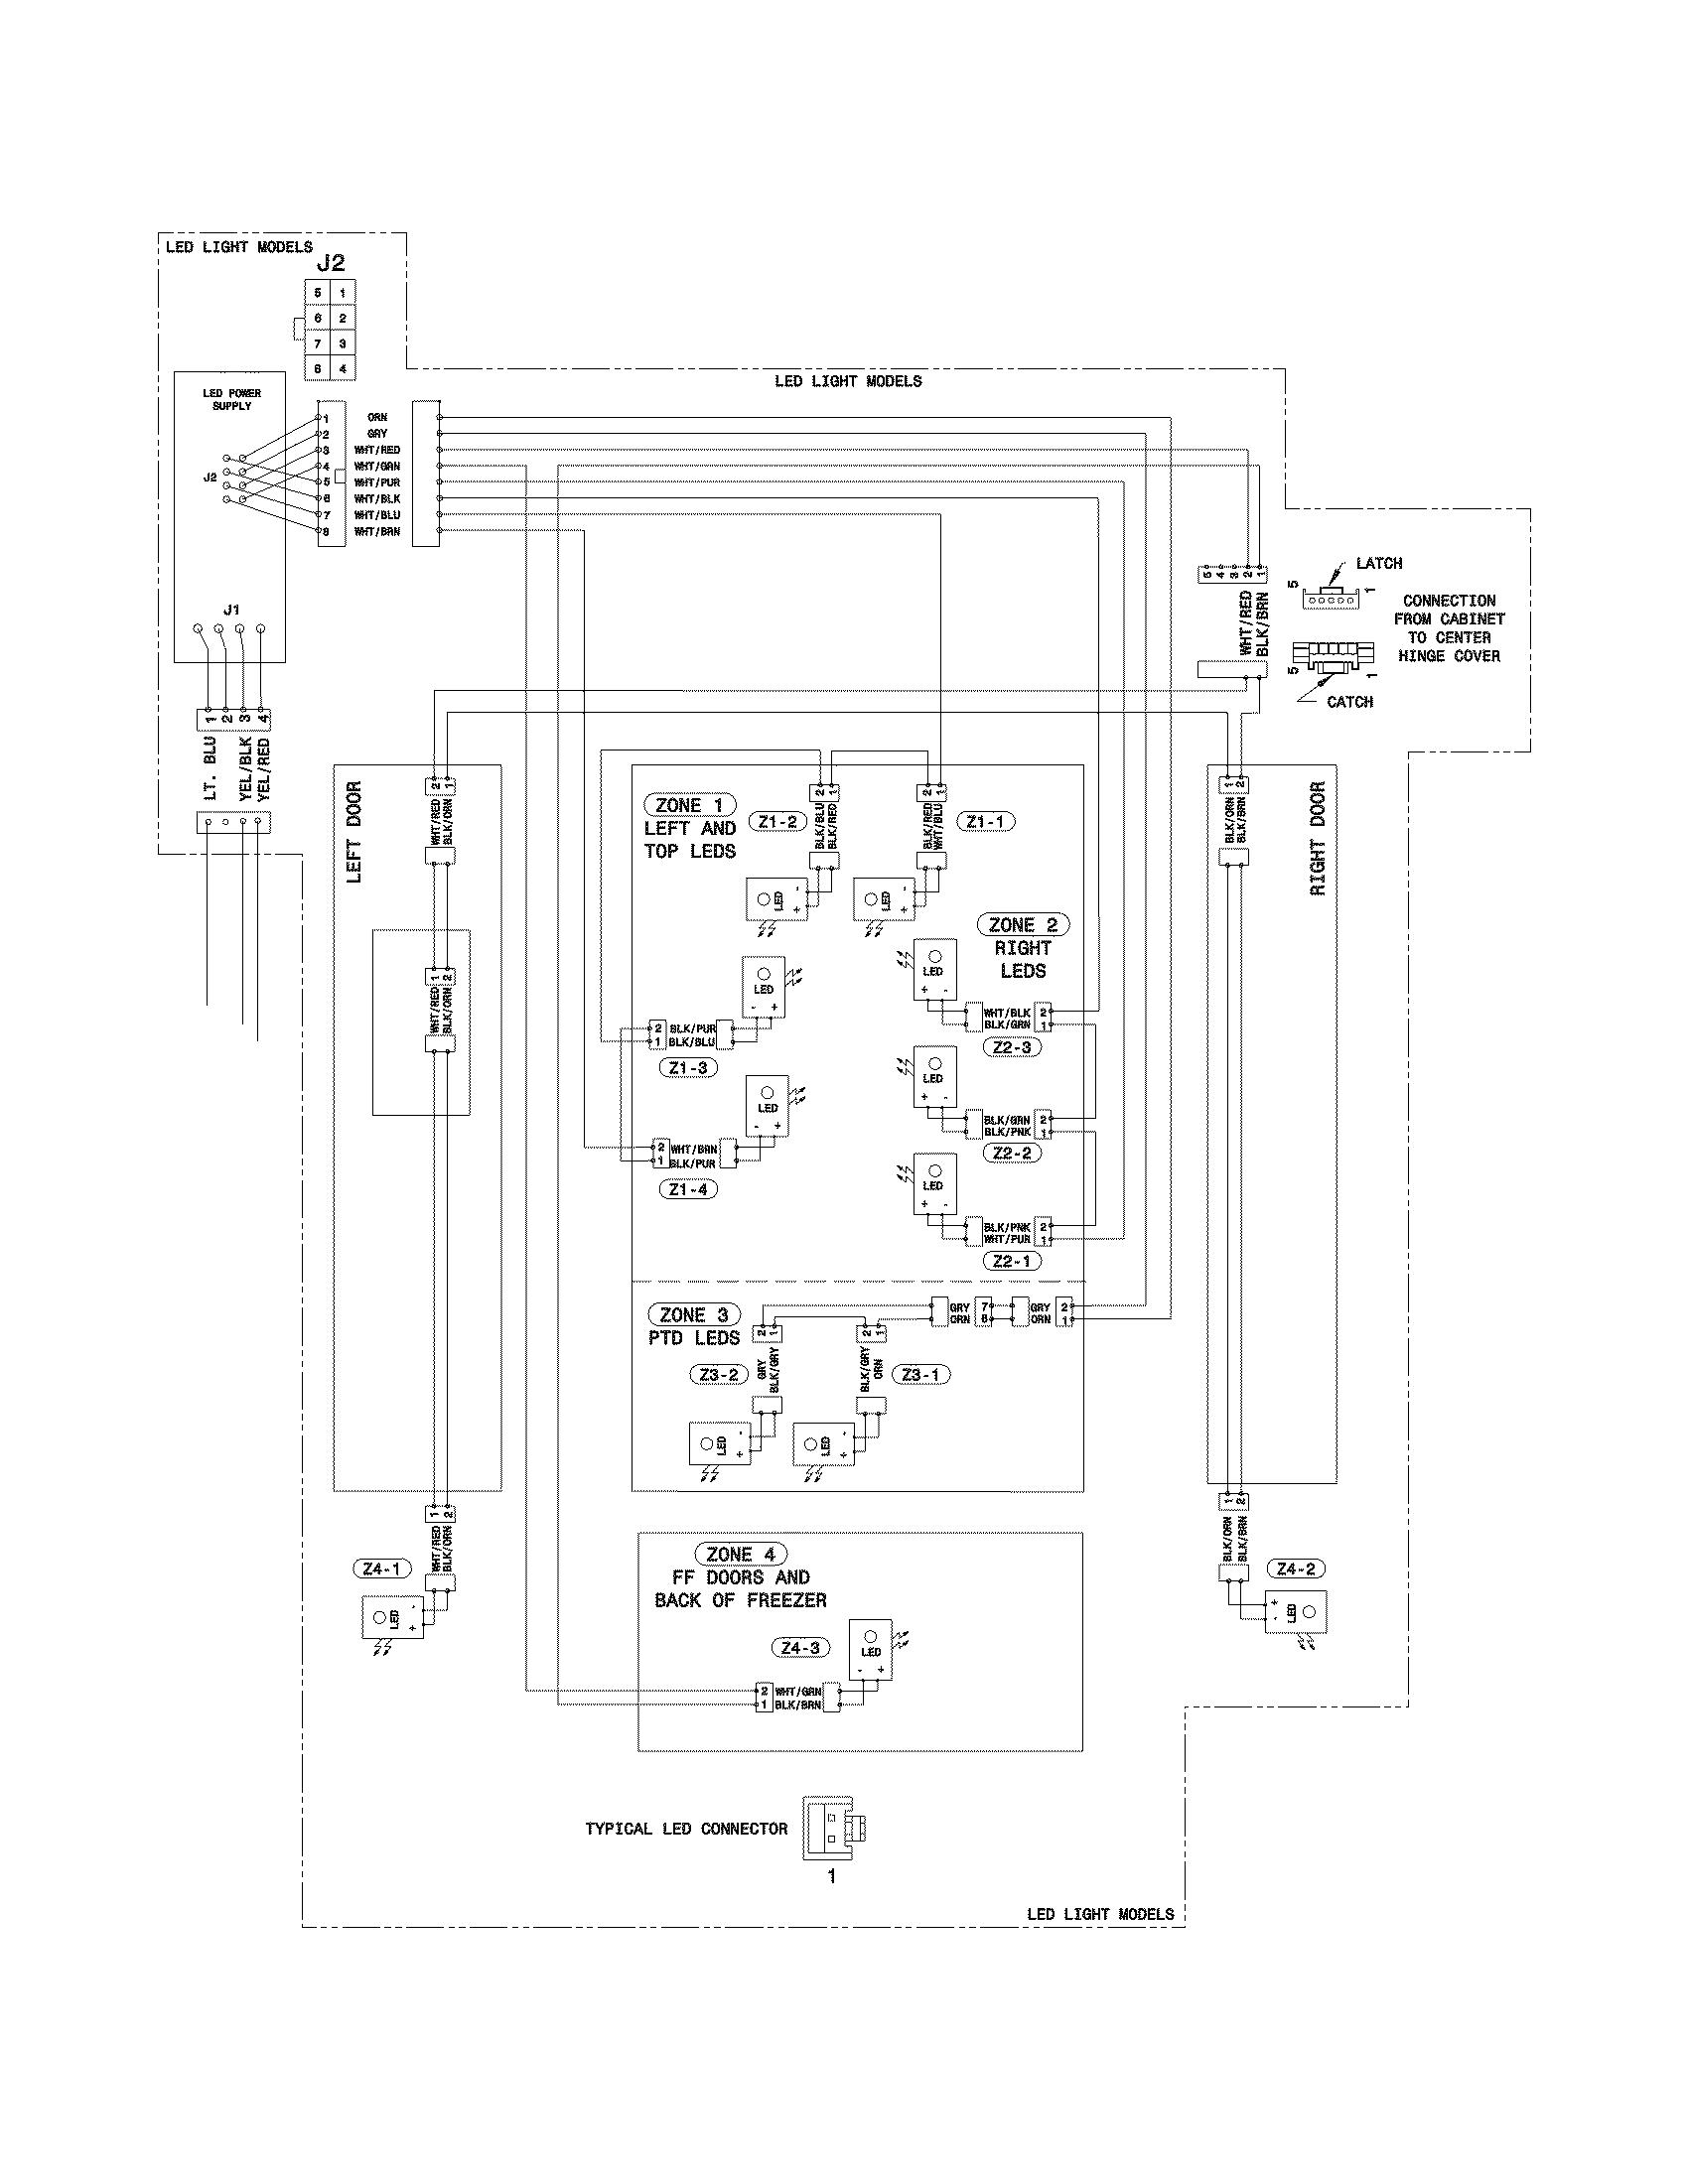 Wiring diagram electrolux caravan fridge free download wiring diagram